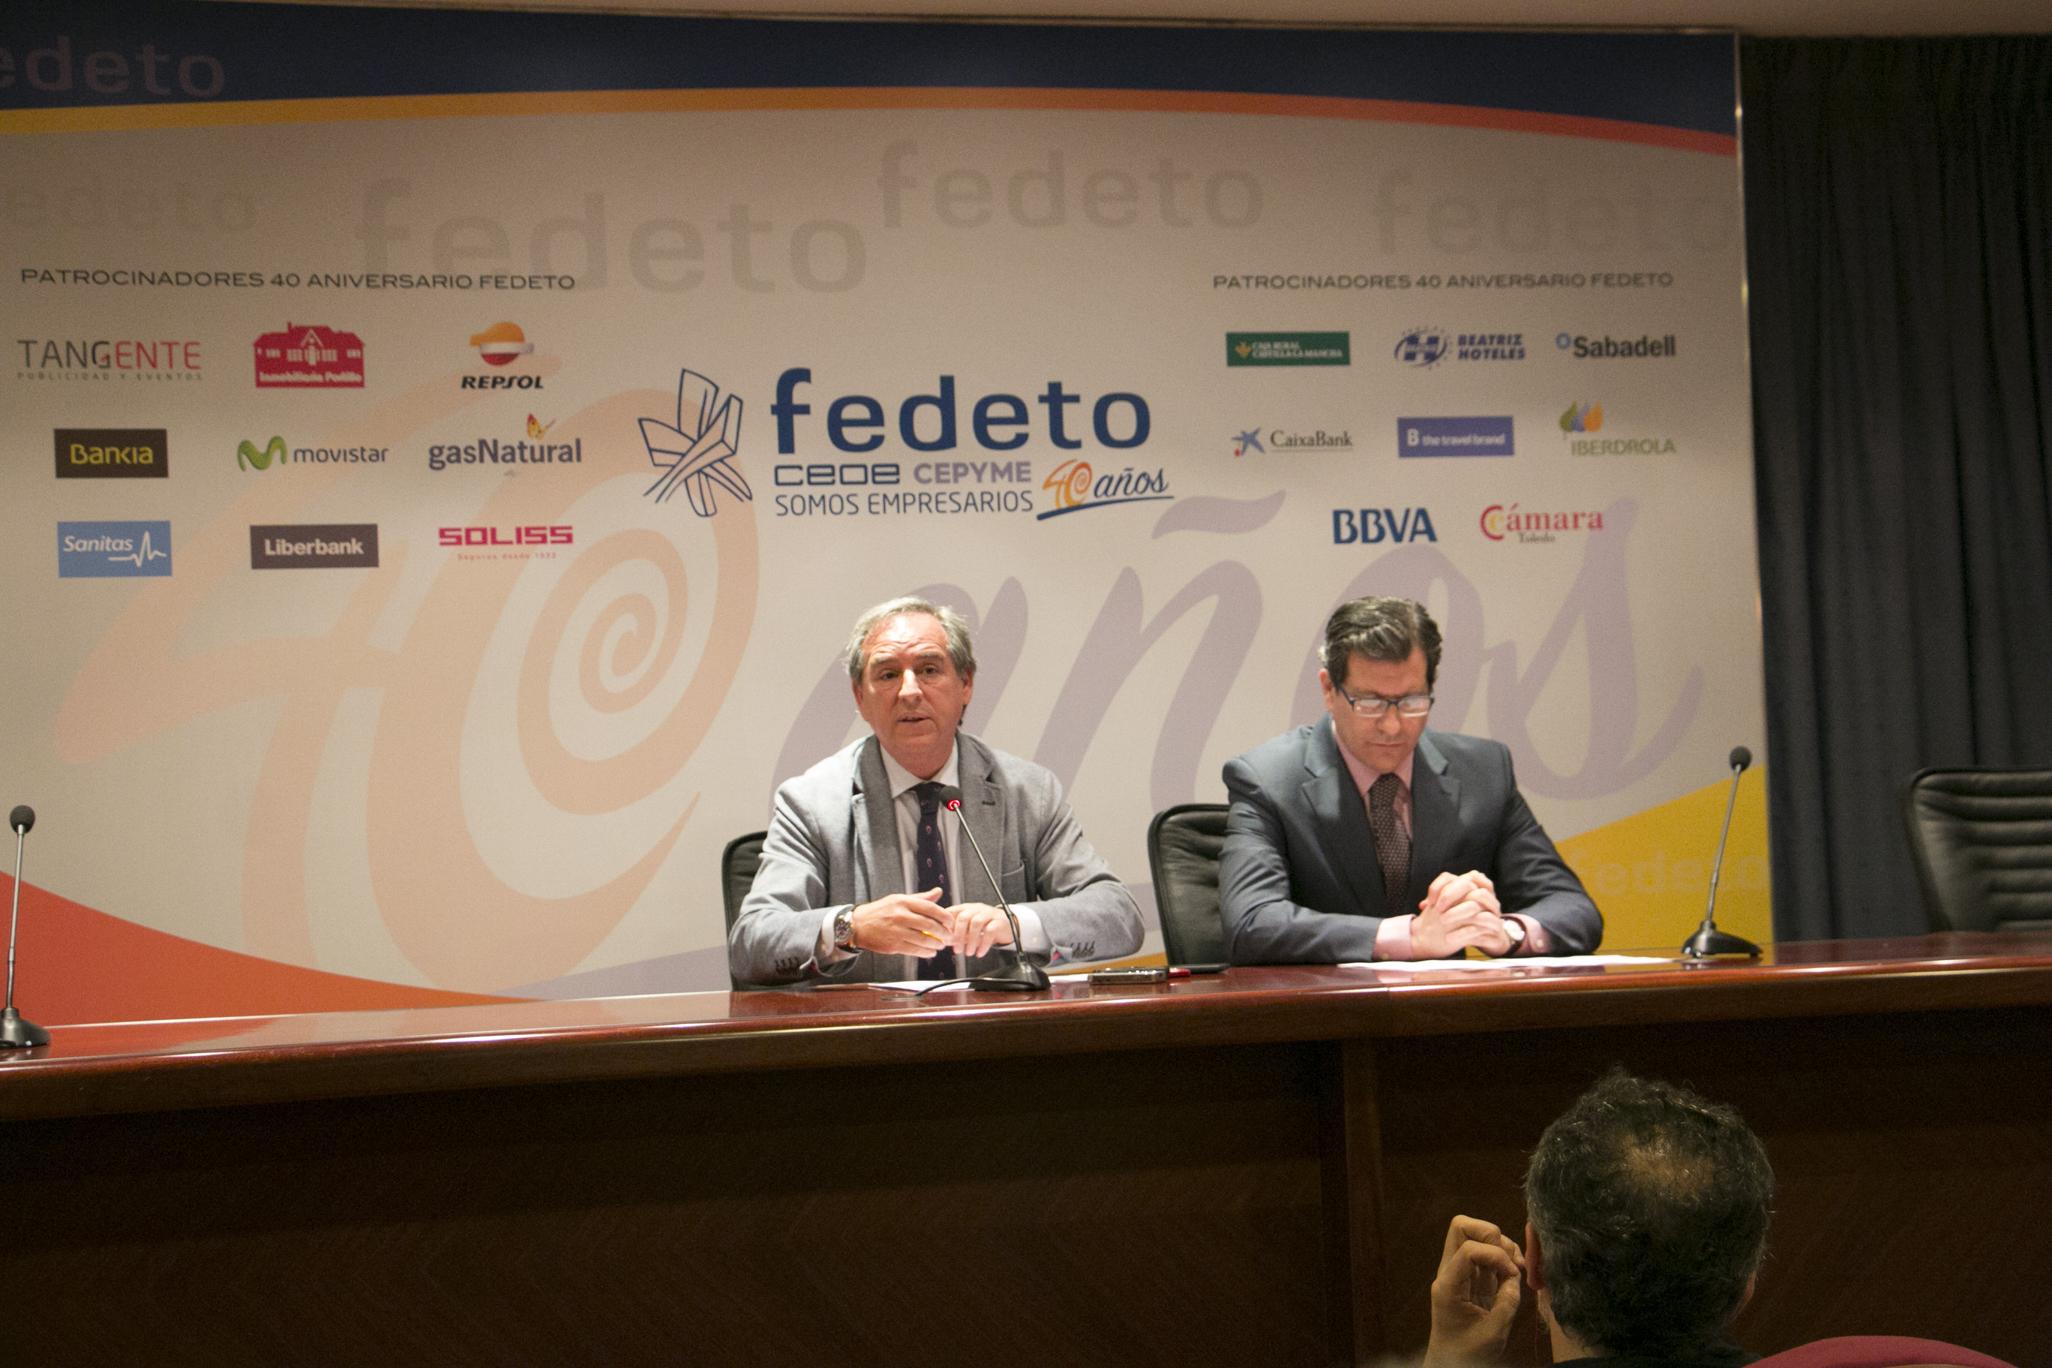 Presentación de los actos del 40 aniversario de Fedeto